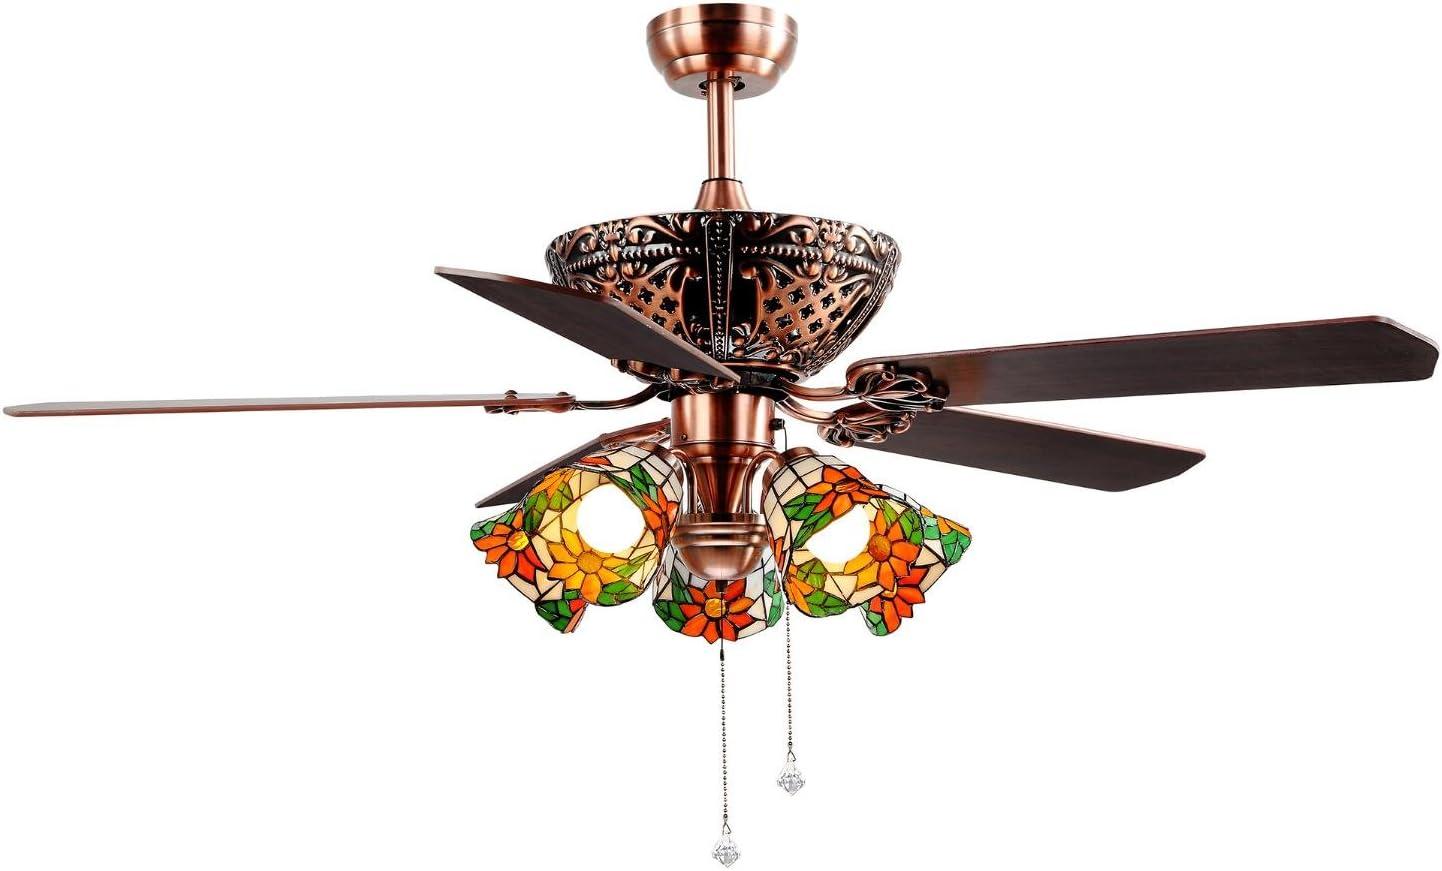 Ventilador de techo con luz 52/60 pulgadas 5 hojas de madera contrachapada 5 soportes de lámpara E27 Remoto de tres velocidades Puede ser hacia adelante y hacia atrás Garantía de un año